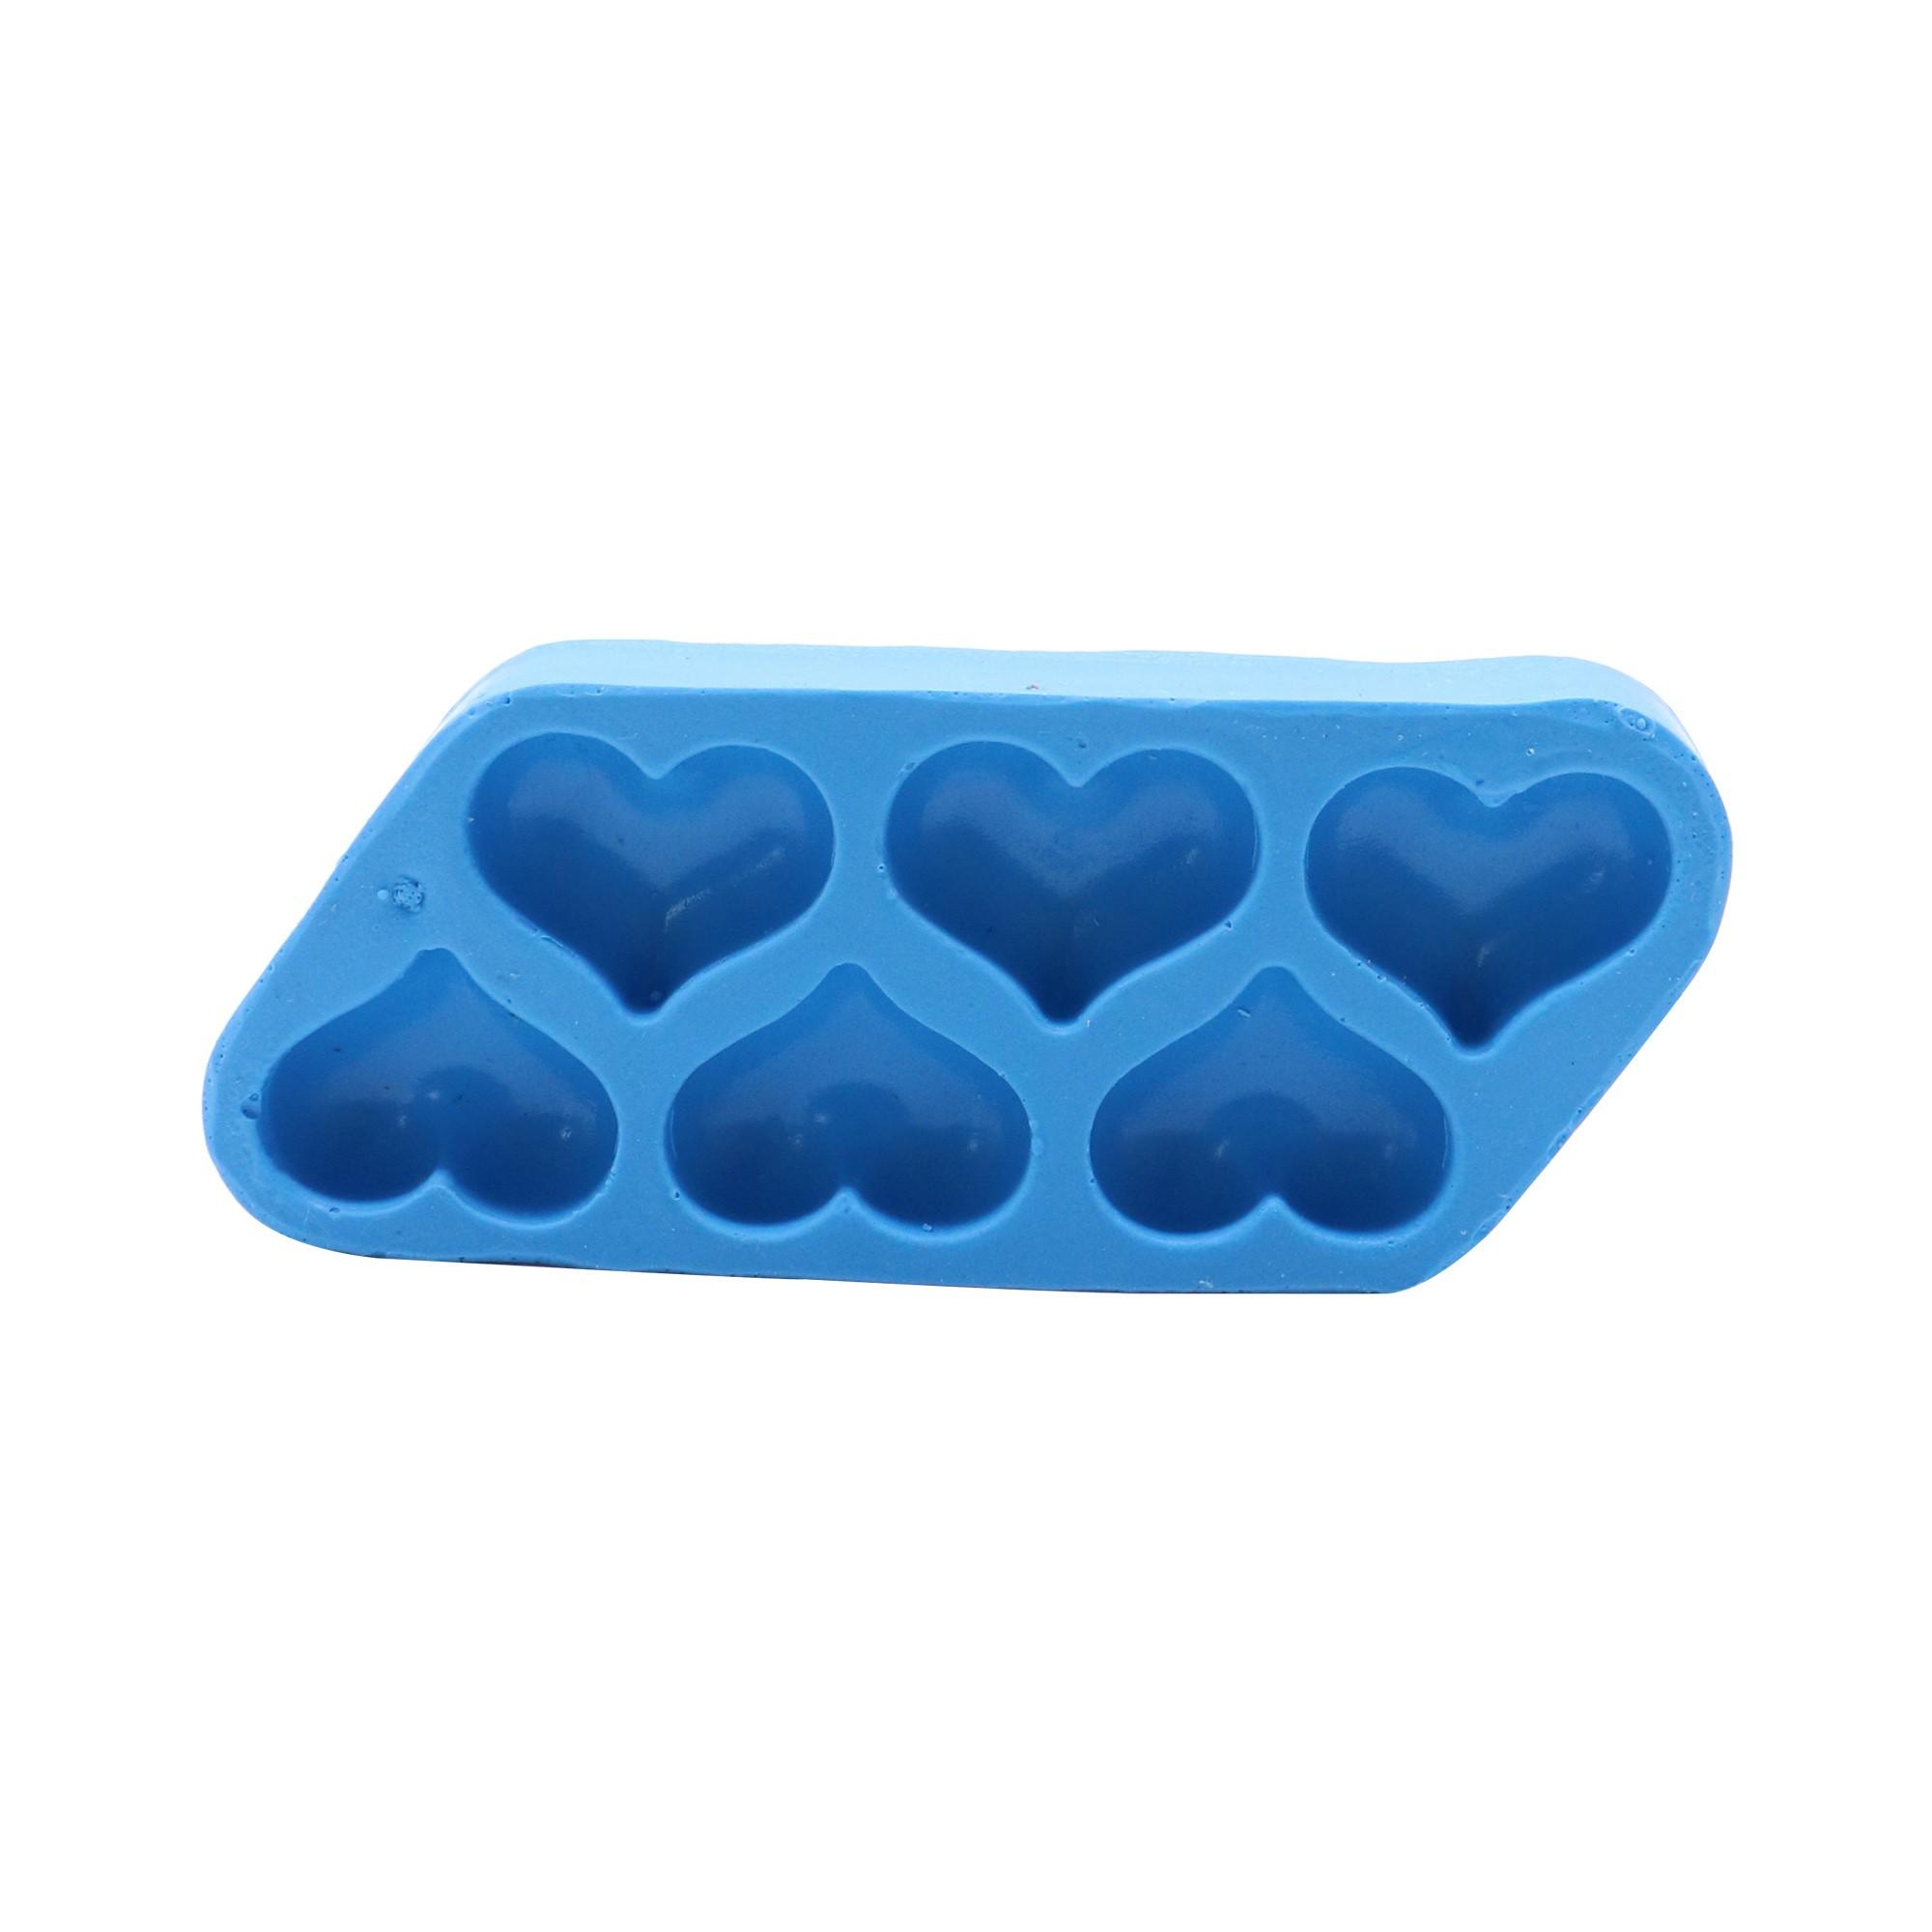 Molde de silicone de cotação 6 com cavidades